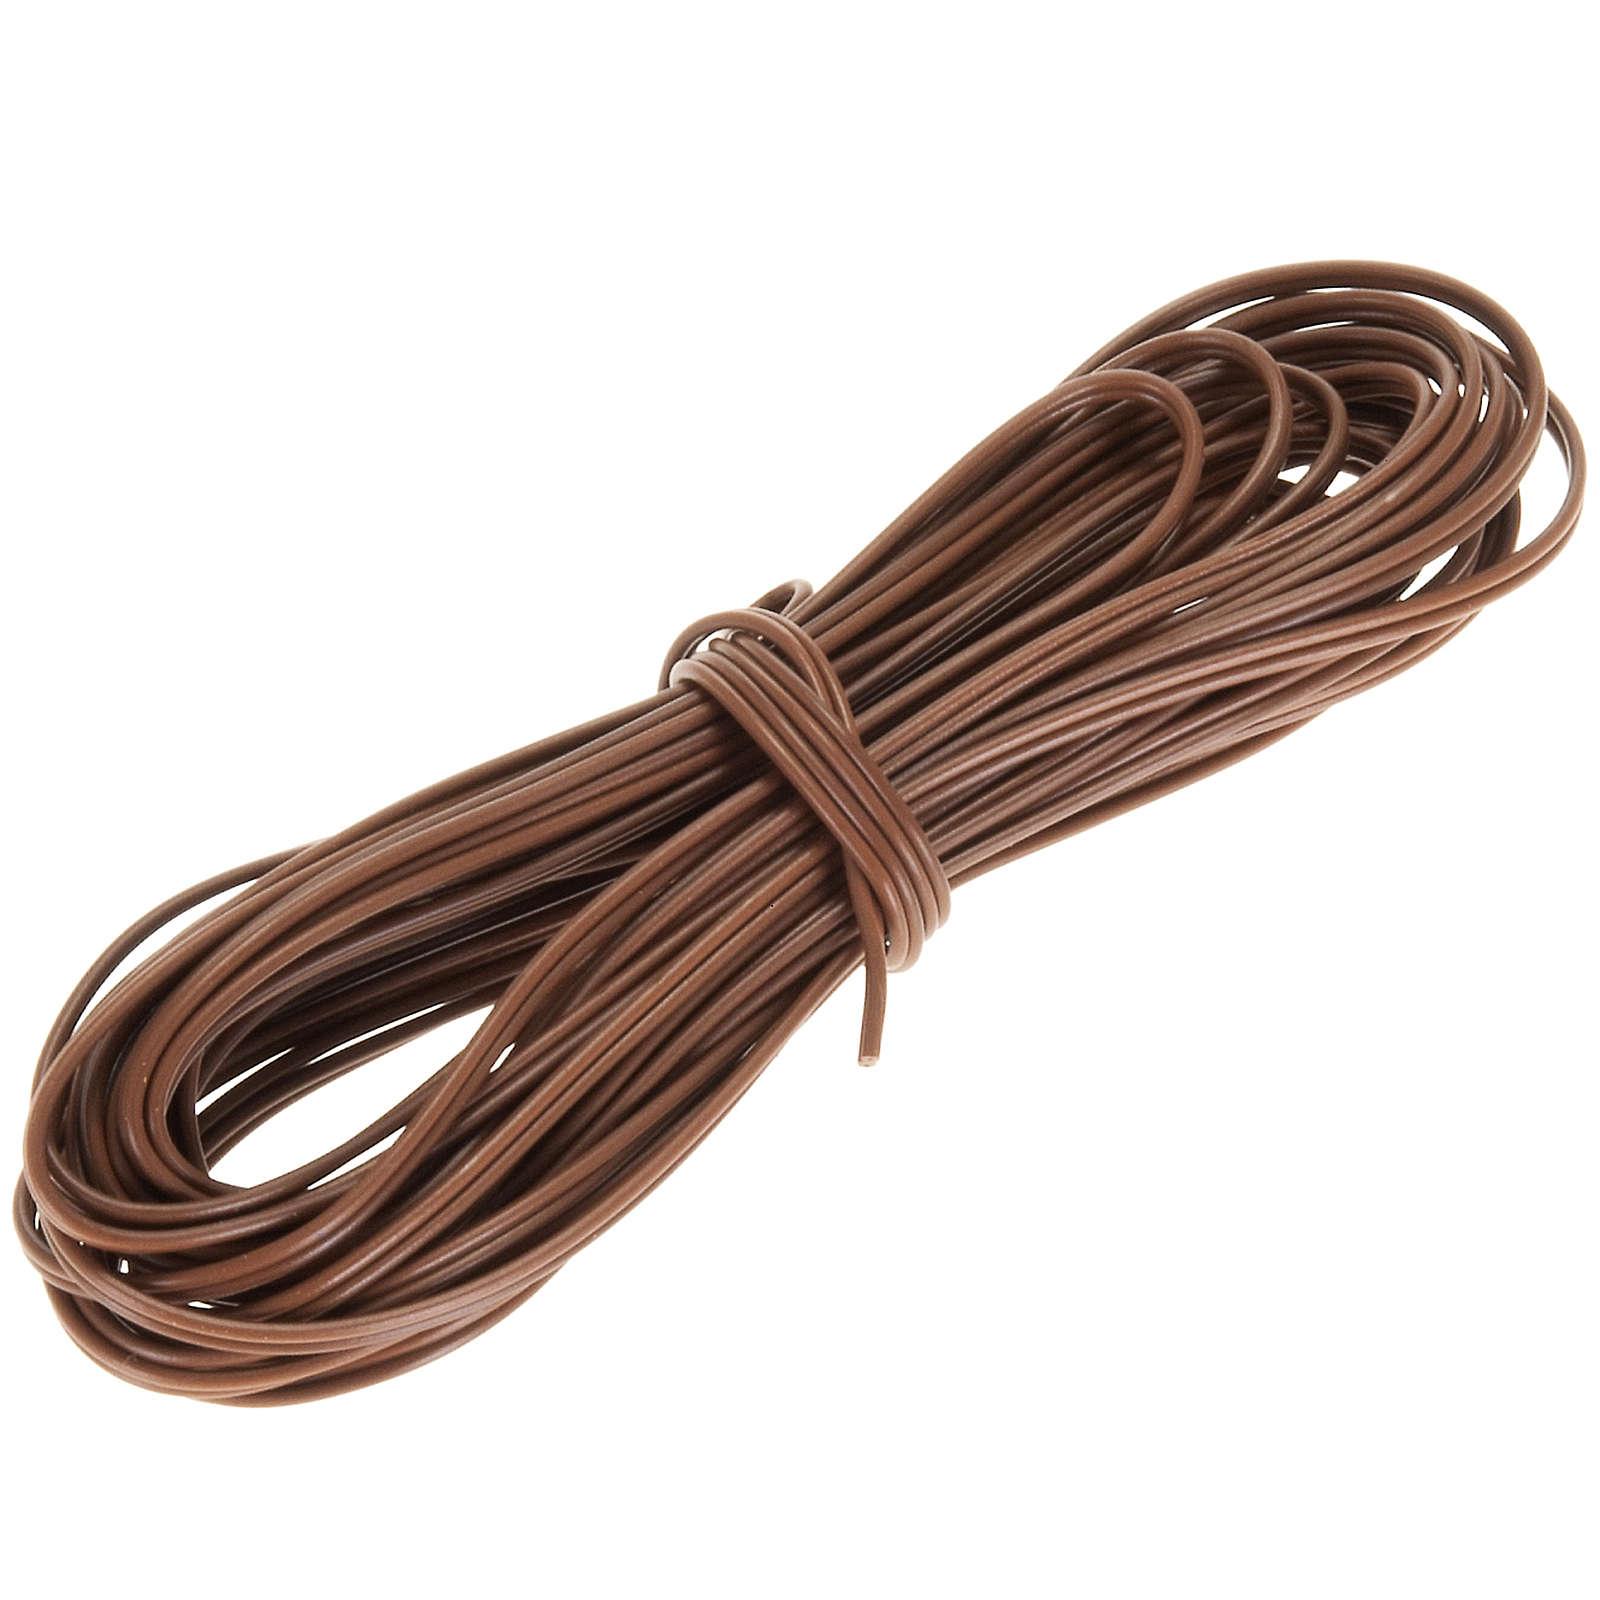 Wicklung elektrischer Draht braun 5 m 4